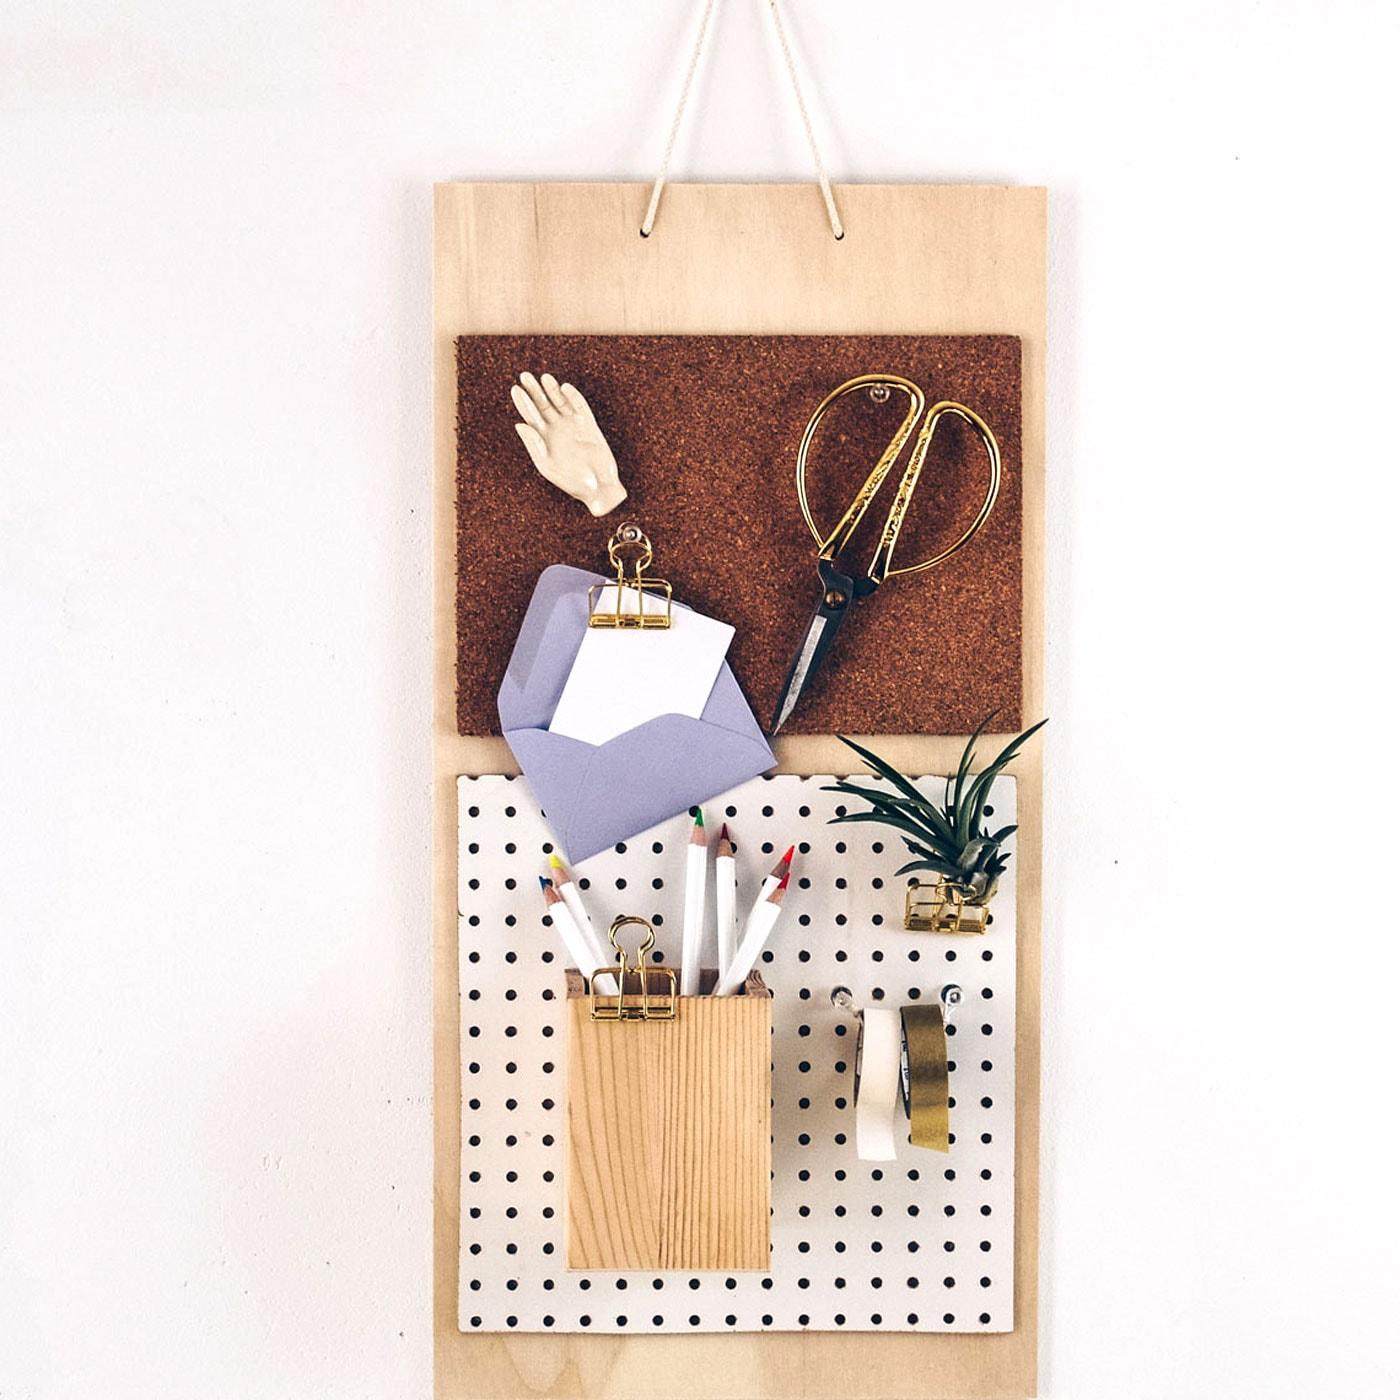 DIY-Wandorganizer selbst bauen // HIMBEER